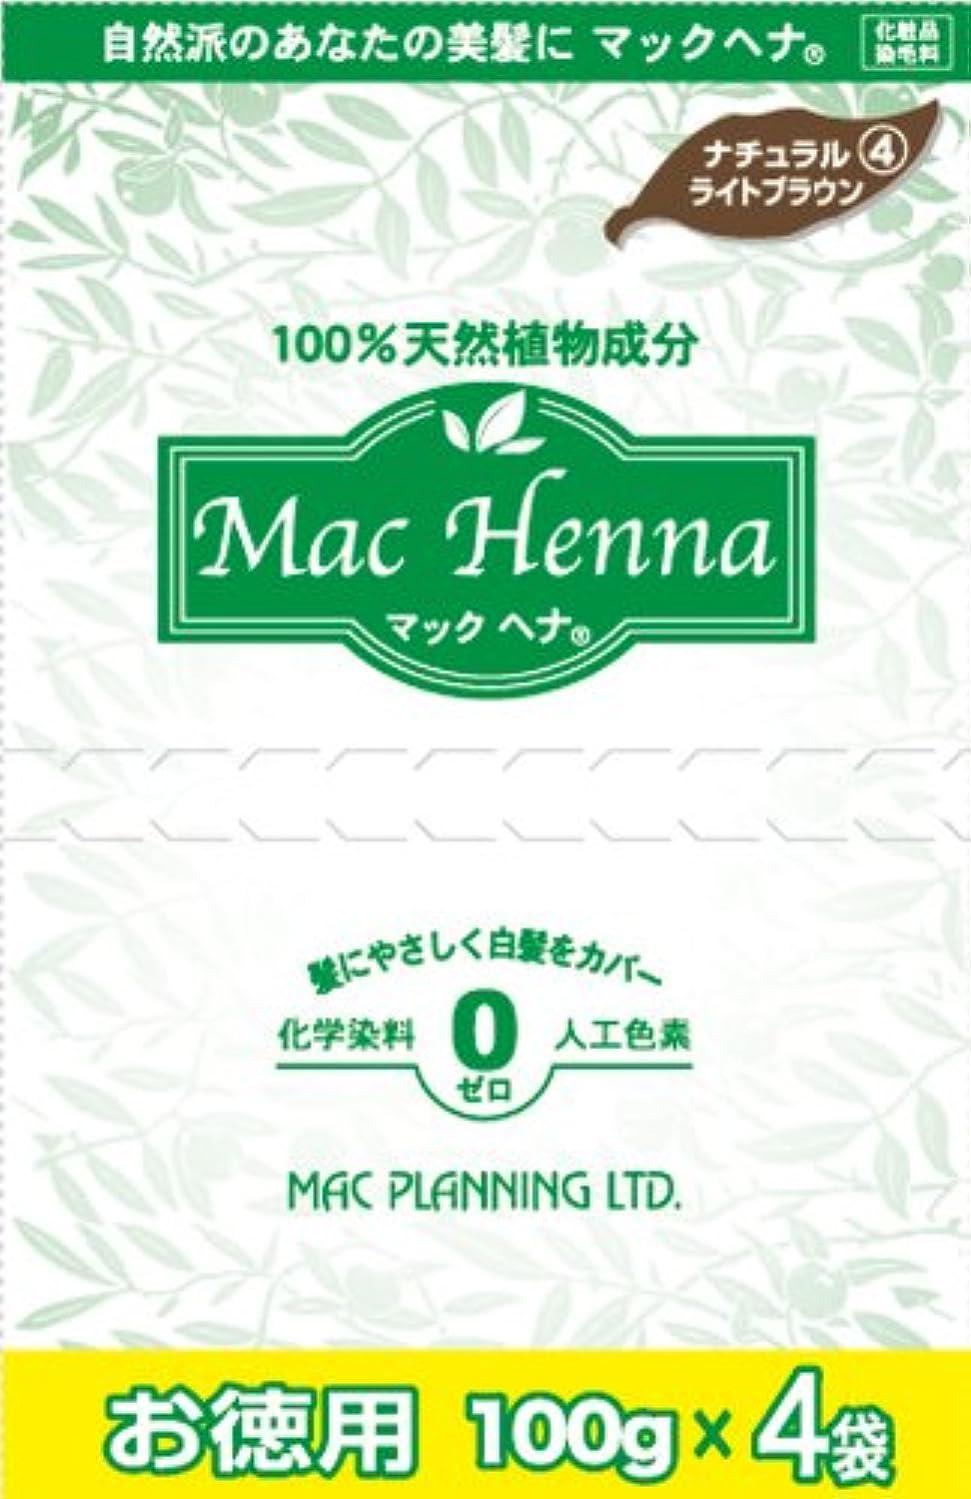 推進好むはちみつ天然植物原料100% 無添加 マックヘナ お徳用(ナチュラルライトブラウン)-4  400g(100g×4袋)3箱セット